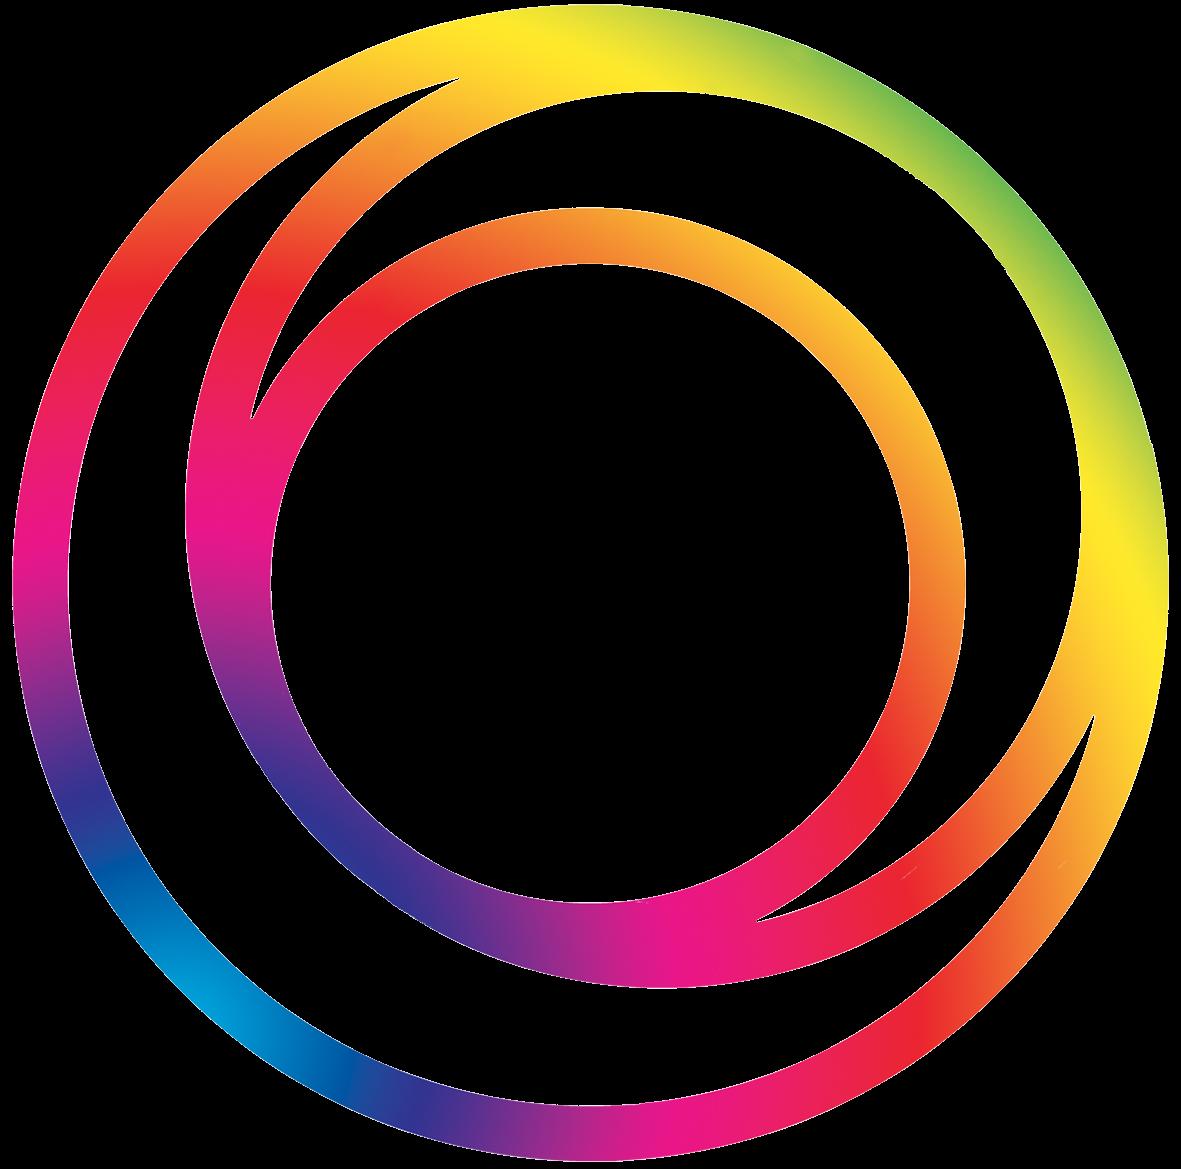 Circular 2020